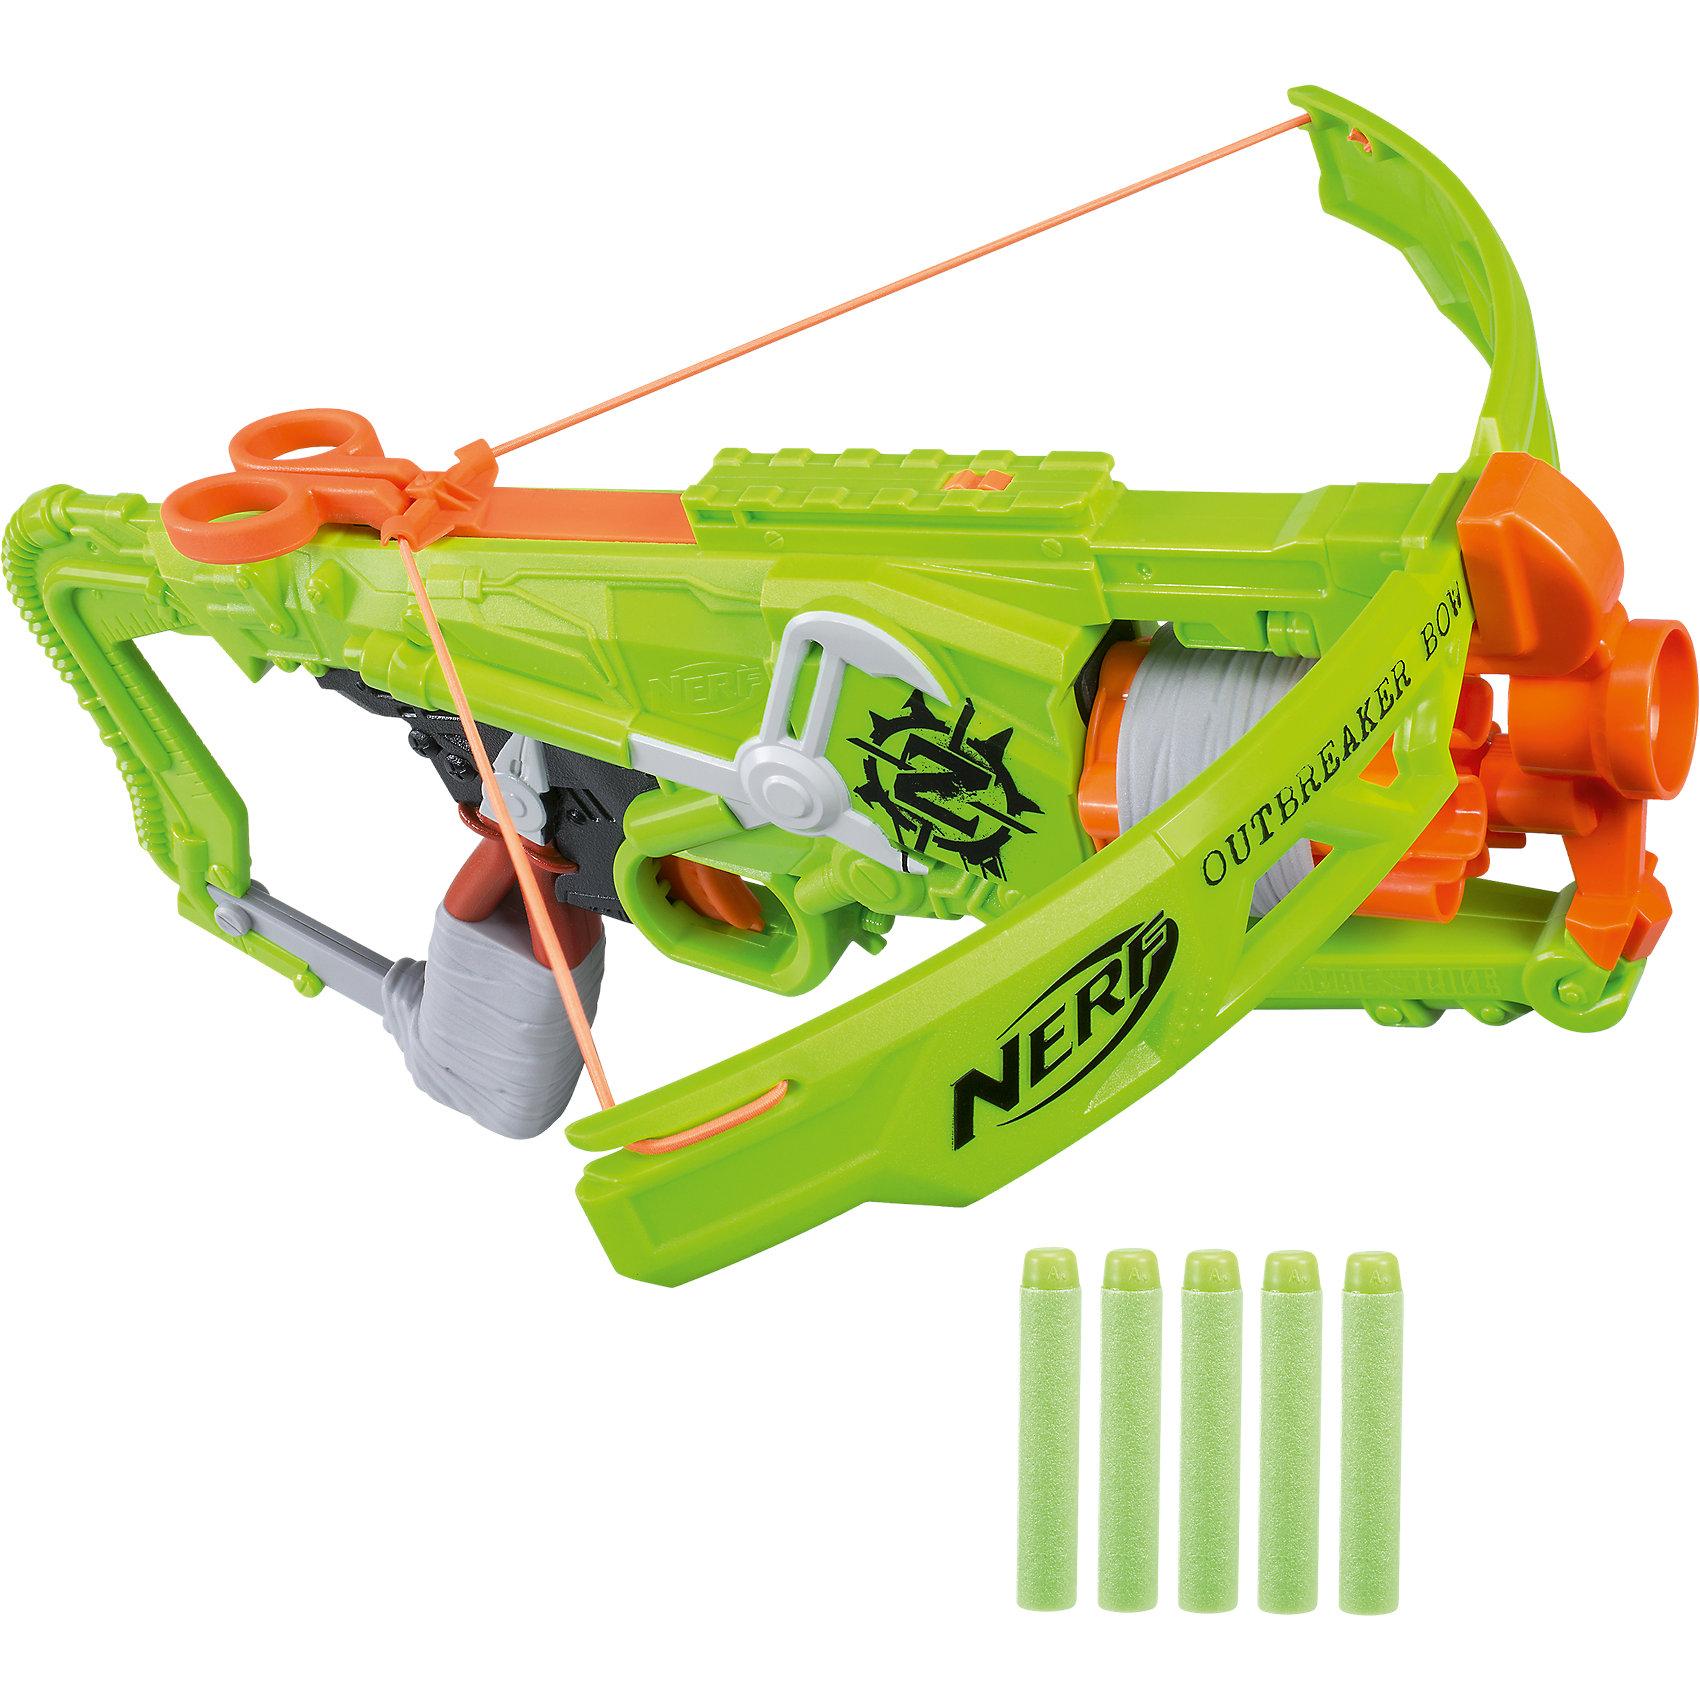 Бластер-арбалет Nerf Hasbro Зомби Страйк АутбрейкерИгрушечное оружие<br>Характеристики:<br><br>• возраст: от 8 лет;<br>• материал: пластик;<br>• в комплекте: бластер, 5 стрел;<br>• размер упаковки: 30,5х41,9х6,7 см;<br>• вес упаковки: 1,09 кг;<br>• страна производитель: Китай.<br><br>Бластер «Зомби Страйк Аутбрейкер» Nerf Hasbro позволит устроить захватывающие сражения или соревнования по стрельбе. Бластер напоминает собой арбалет с тетивой. В барабан заряжаются сразу все 5 патронов. У всех стрел мягкий наконечник, что исключает травмы во время игры.<br><br>Бластер «Зомби Страйк Аутбрейкер» Nerf Hasbro можно приобрести в нашем интернет-магазине.<br><br>Ширина мм: 424<br>Глубина мм: 307<br>Высота мм: 71<br>Вес г: 762<br>Возраст от месяцев: 96<br>Возраст до месяцев: 2147483647<br>Пол: Мужской<br>Возраст: Детский<br>SKU: 5358590